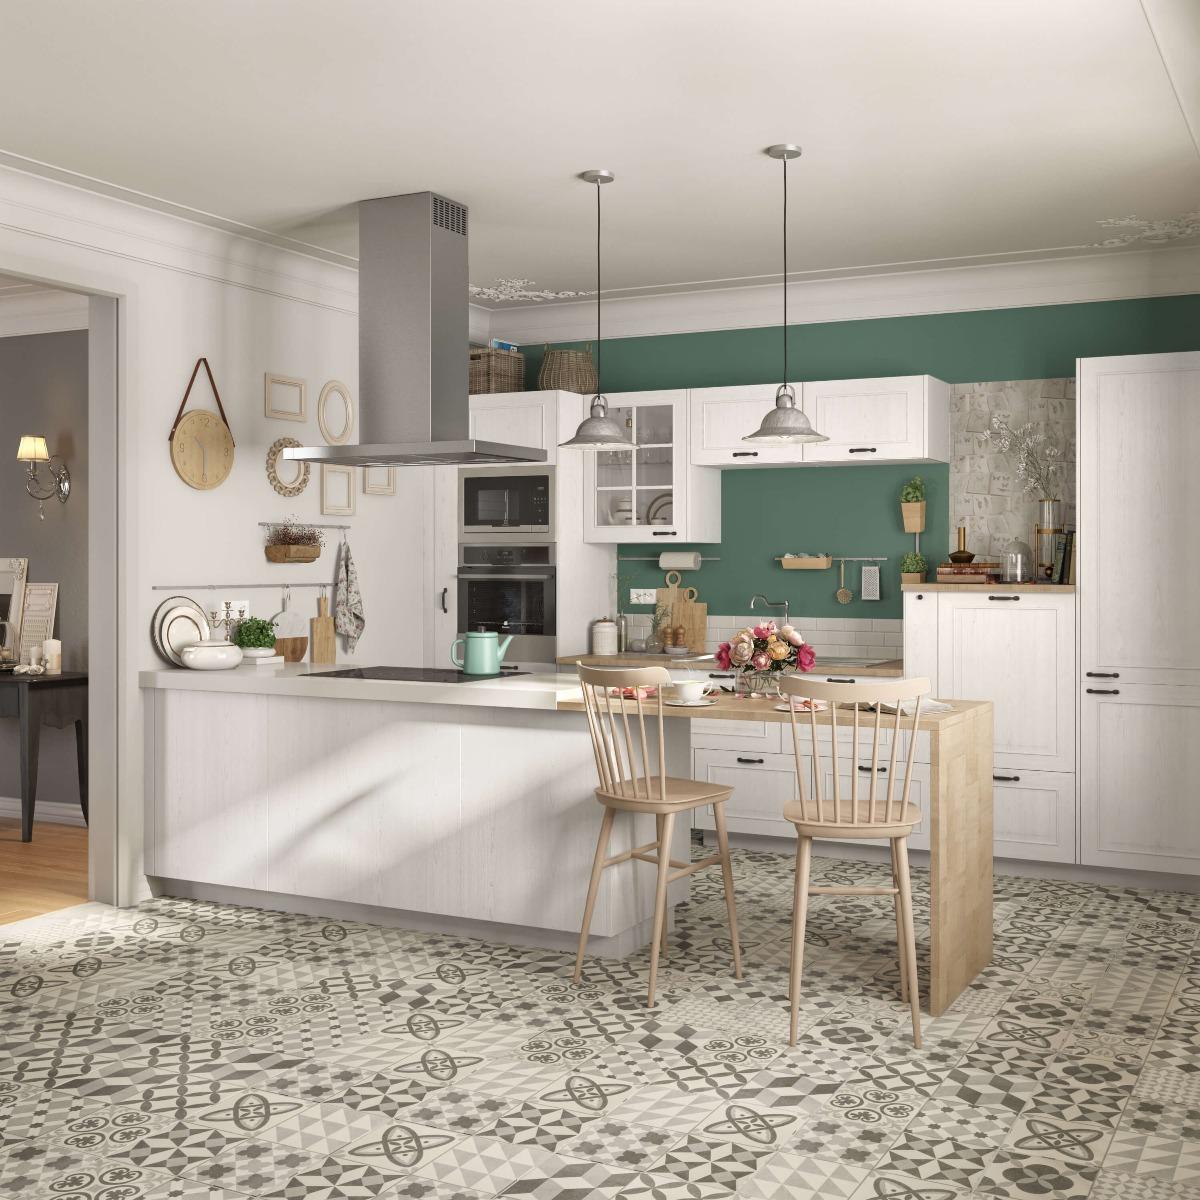 Delinia Moscow Designer Kitchen Mobi - Example 3